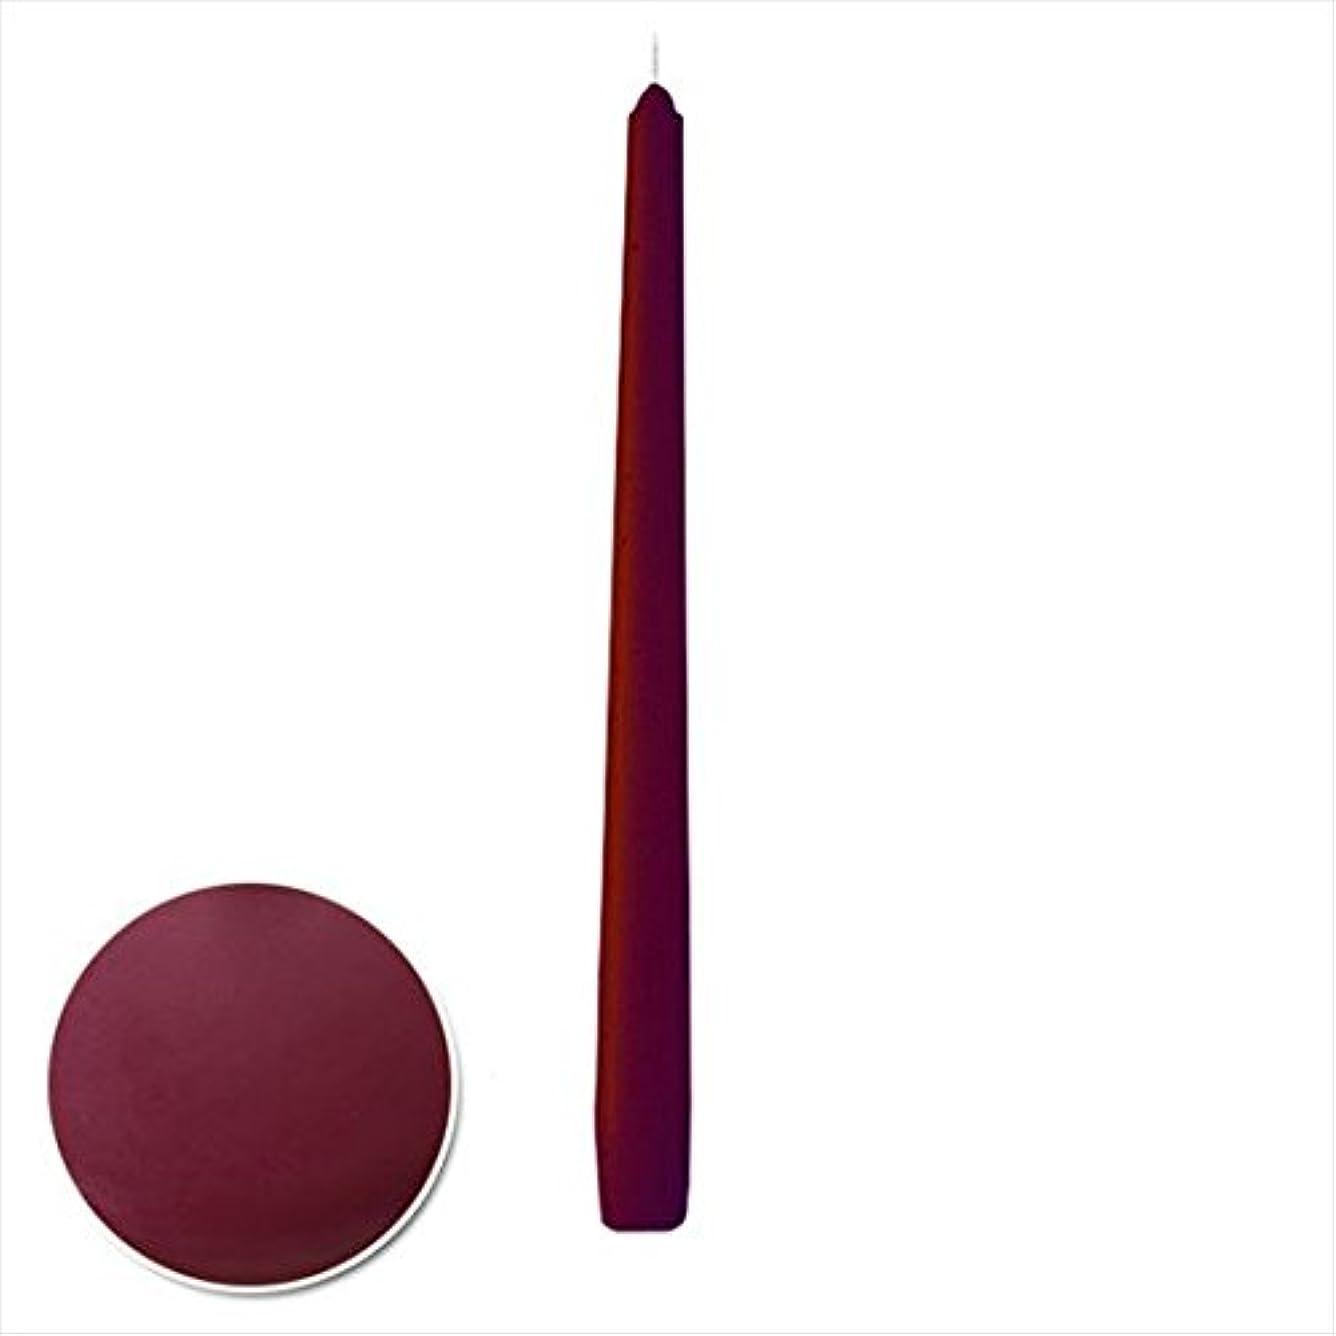 誕生第四弾力性のあるカメヤマキャンドル( kameyama candle ) 12インチテーパー 「 ボルドー 」 12本入り